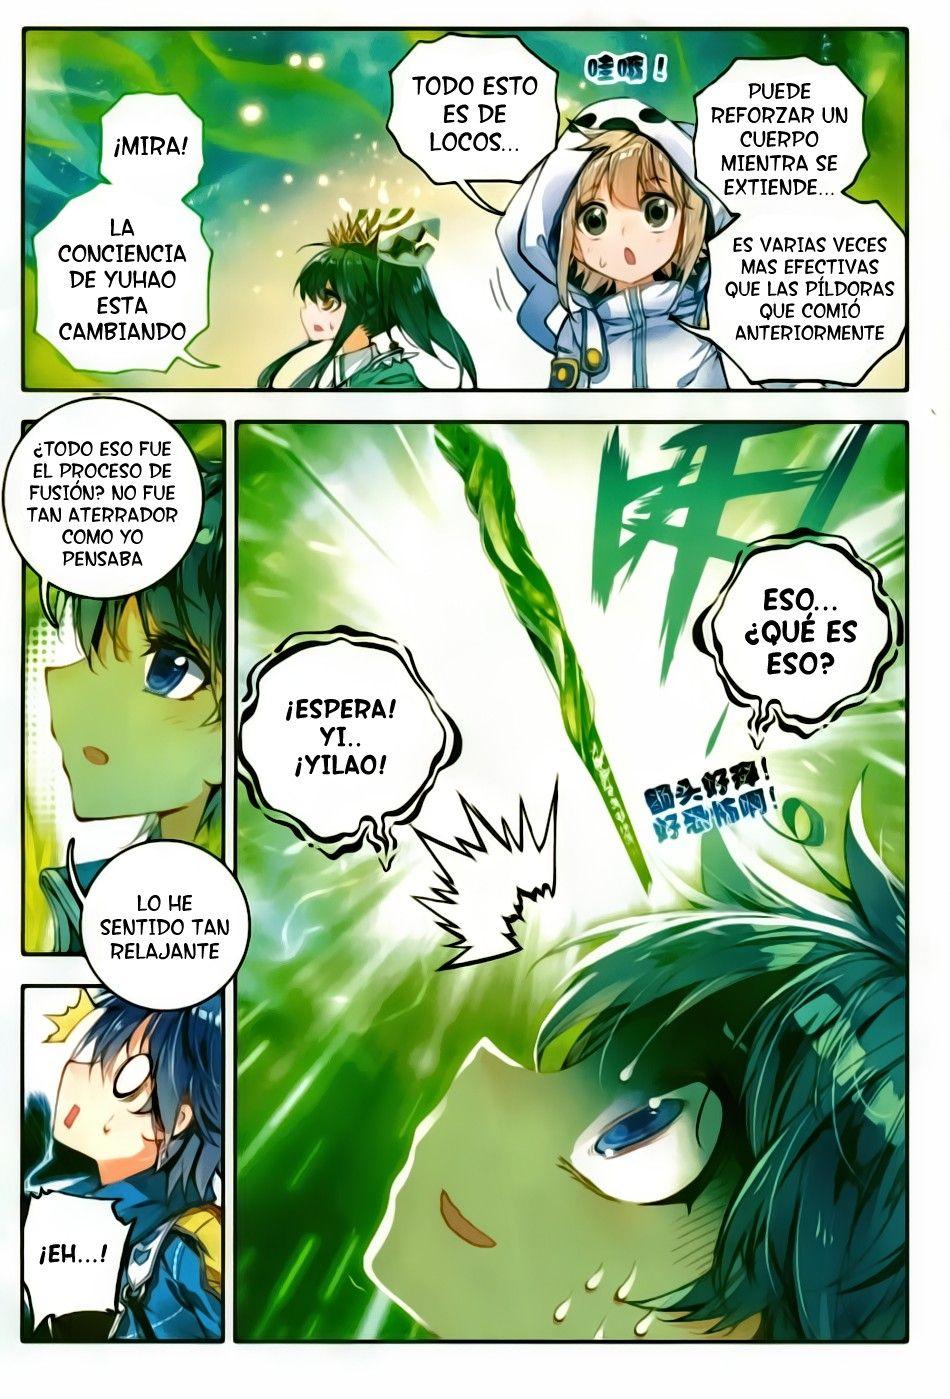 http://c5.ninemanga.com/es_manga/pic2/33/16417/511291/27149e858213e2edf09656bc3dd989cb.jpg Page 10